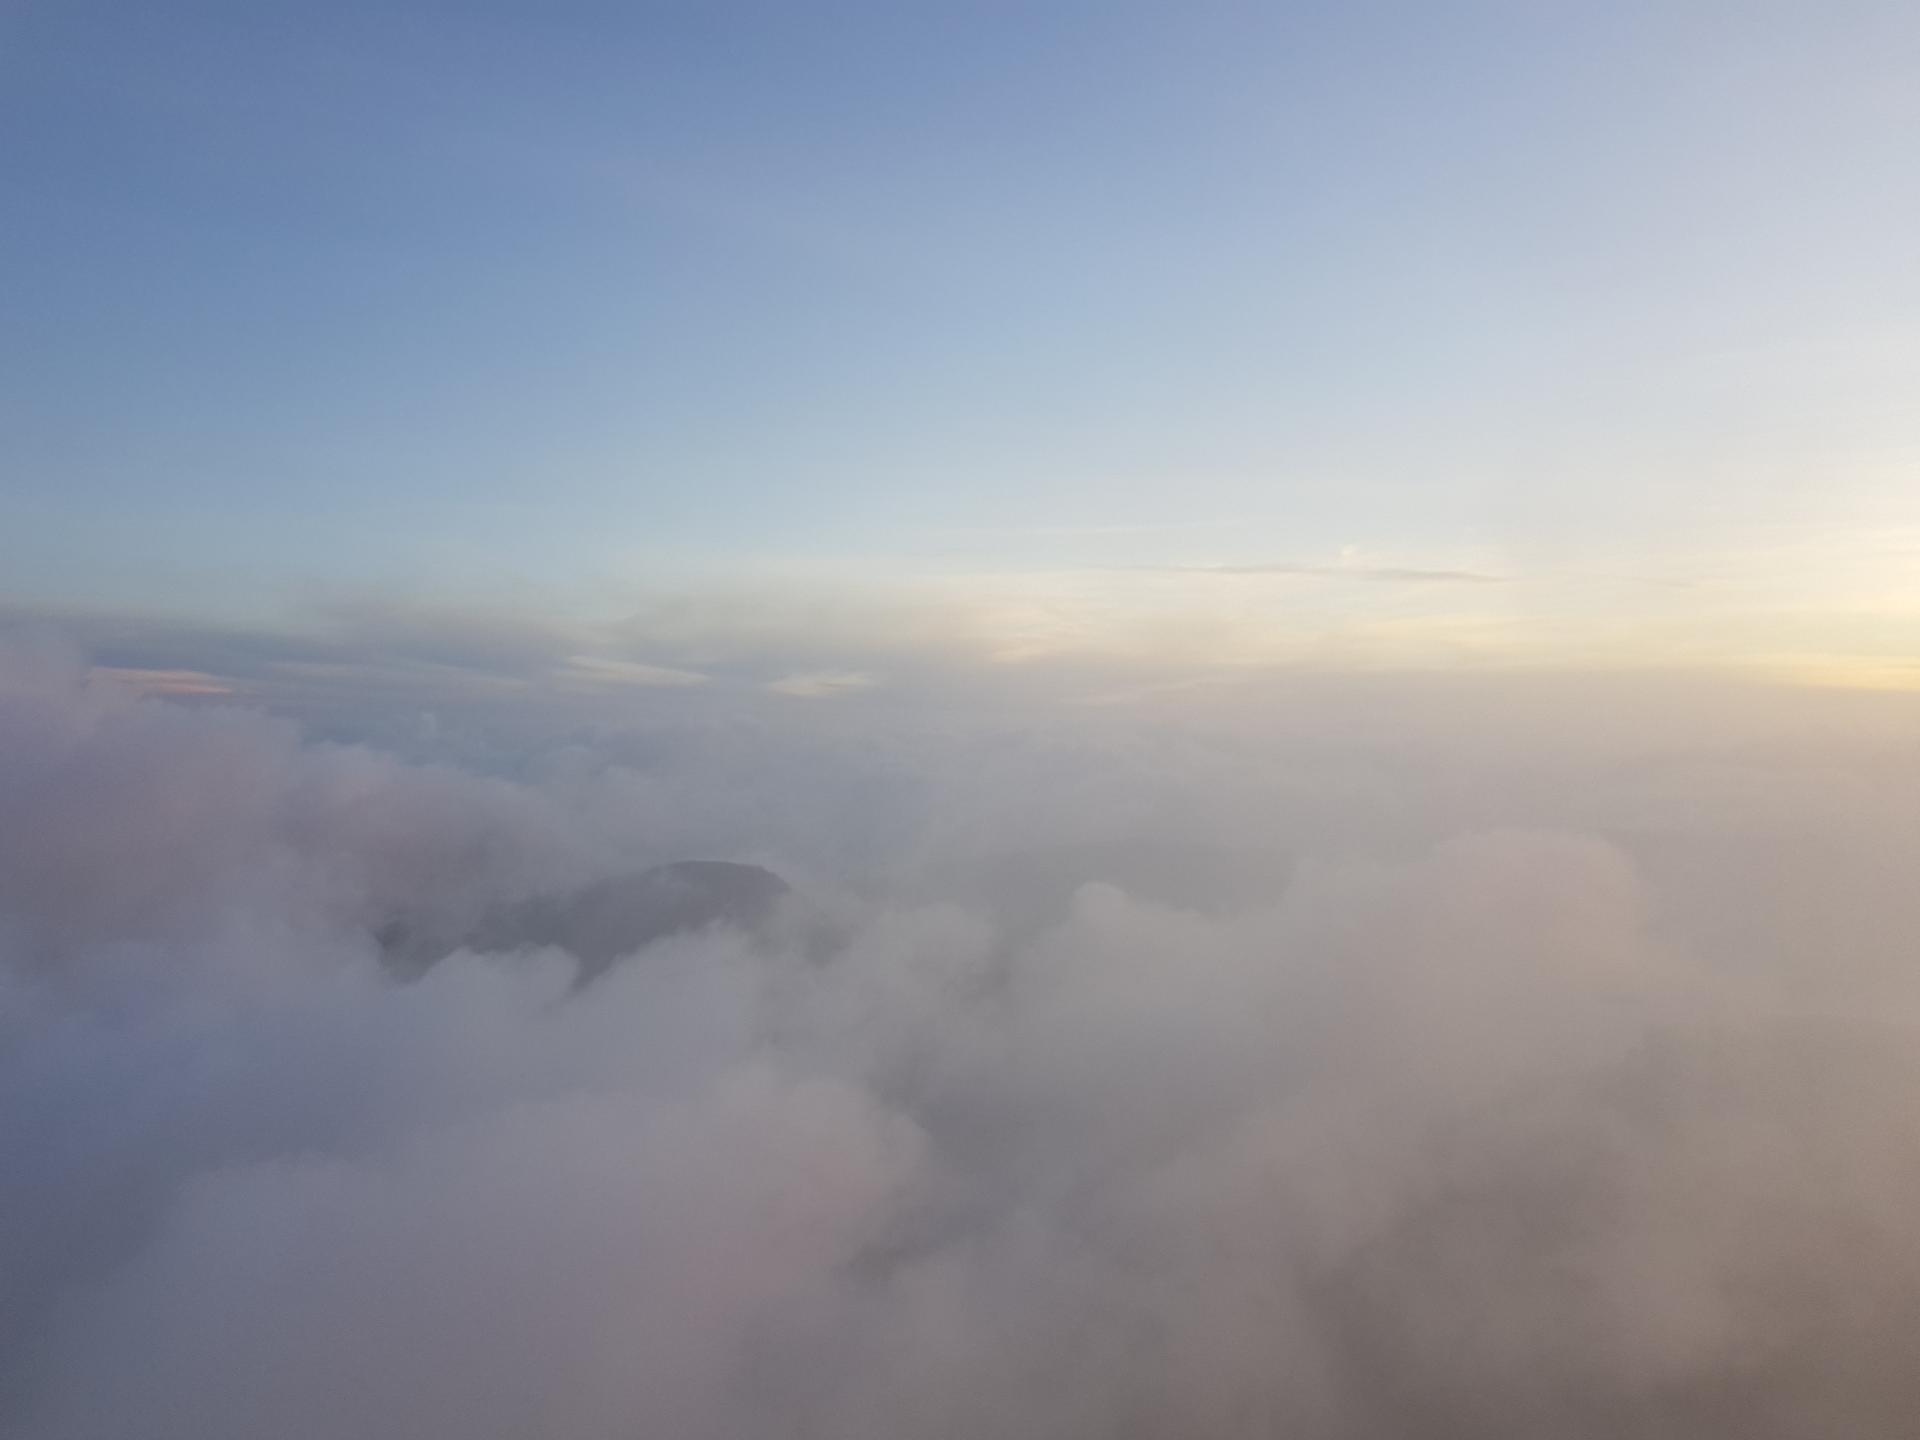 вид на облака с пика Адама, Шри-Ланка